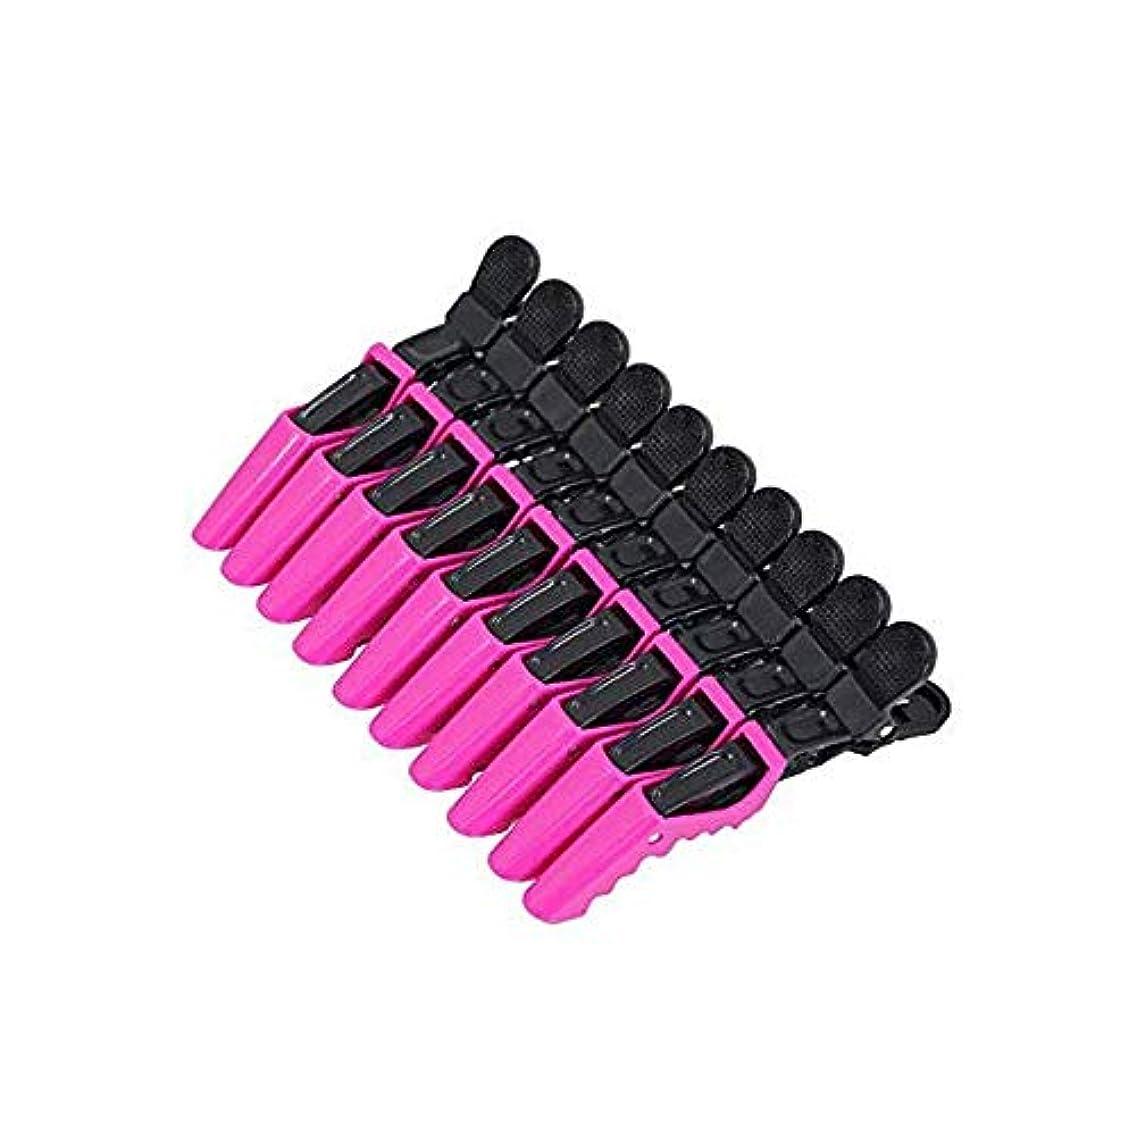 杭規模流10個セット ワニ口クリップ 美容ヘアクリップ 美容ツール 固定ヘアクリップ デザイナーヘアクリップ 調整可能 ブラックピンク